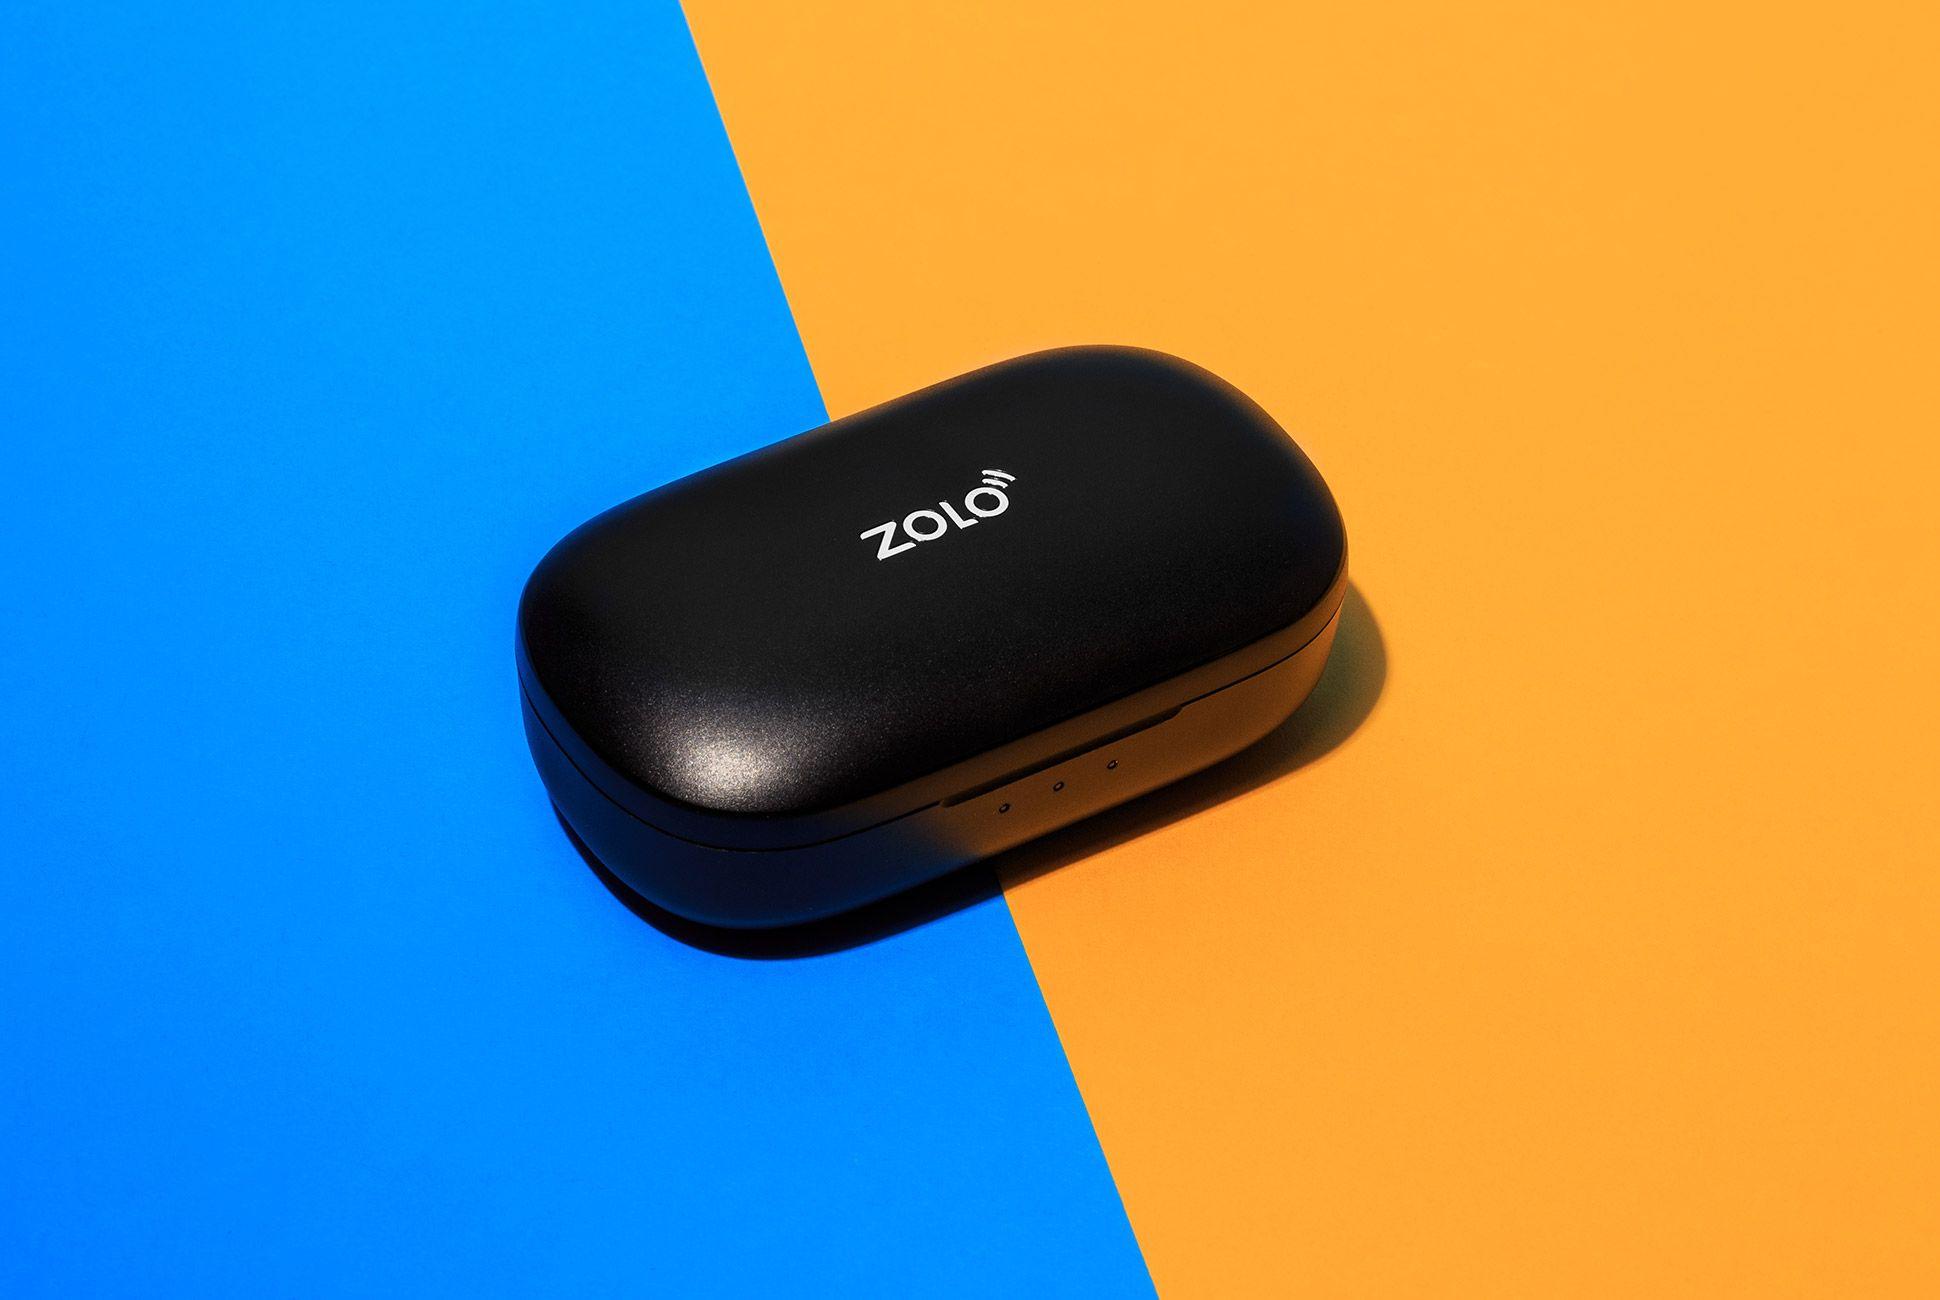 Anker-Liberty-Zolo-Wireless-Headphones-gear-patrol-1